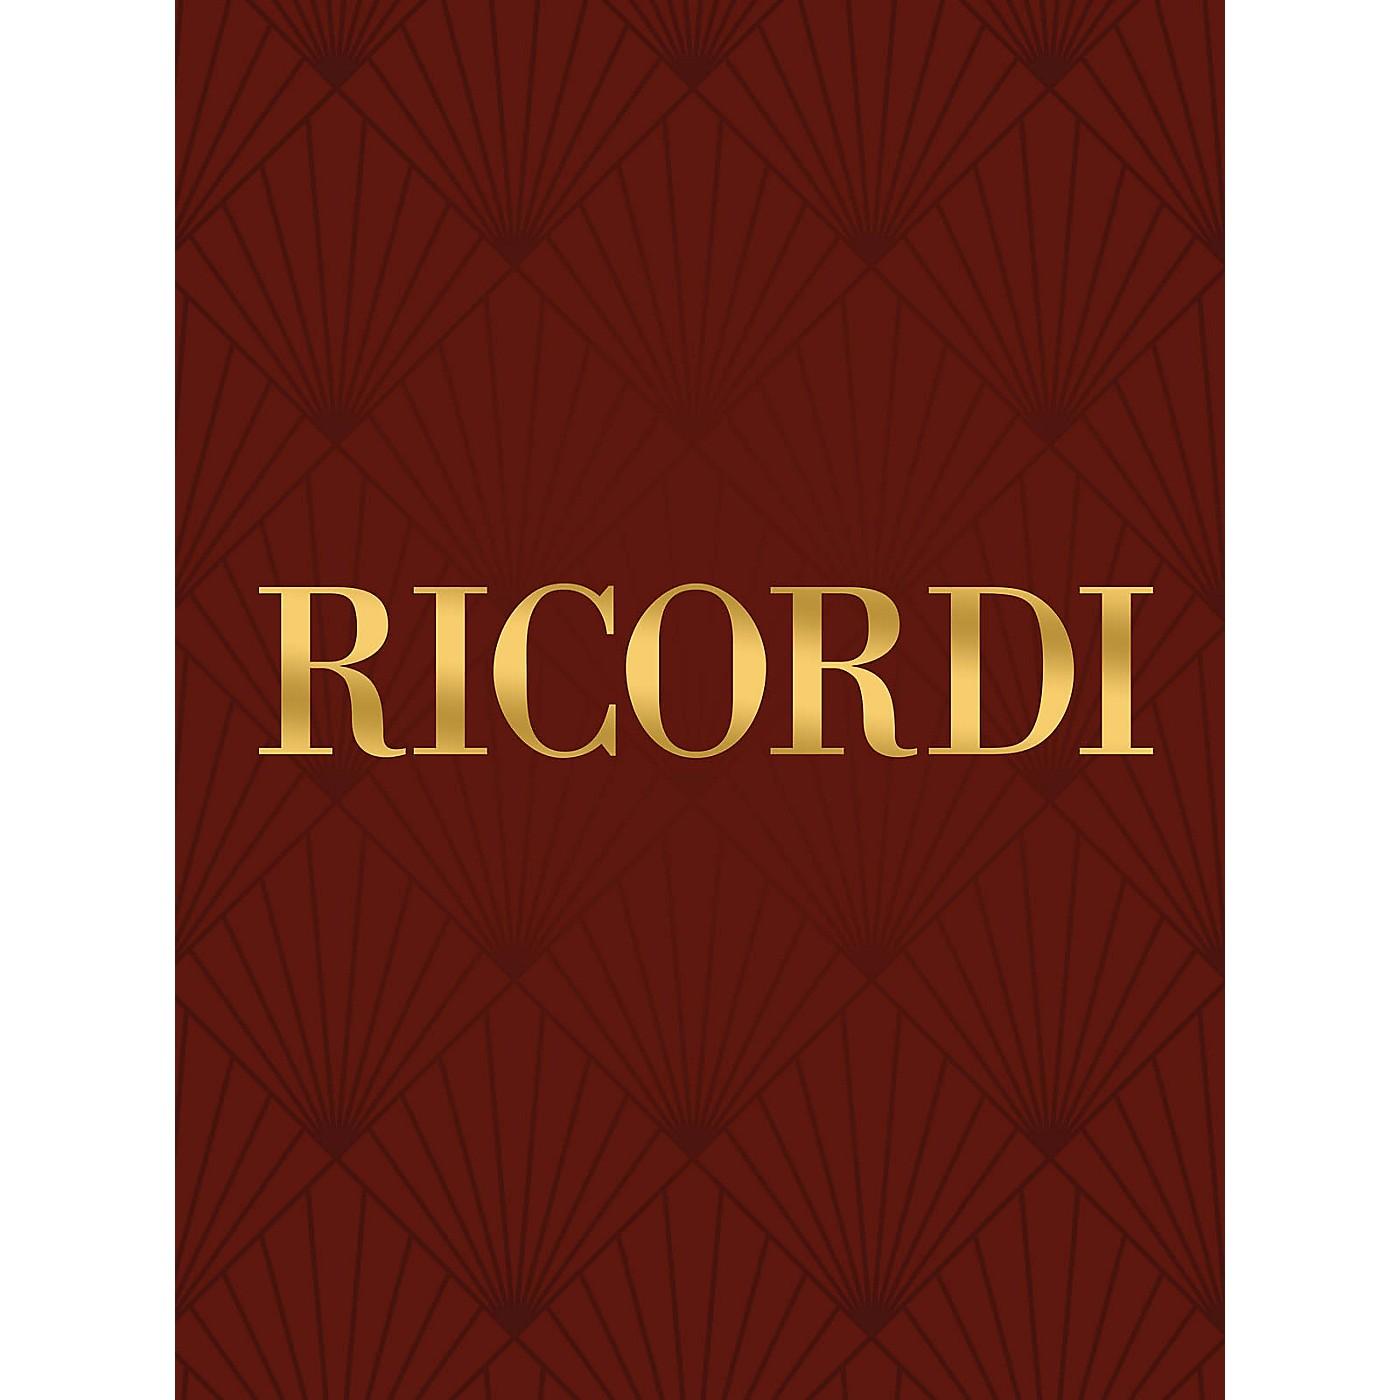 Ricordi Antiche danze ed arie per liuto (Score) Study Score Series Composed by Ottorino Respighi thumbnail